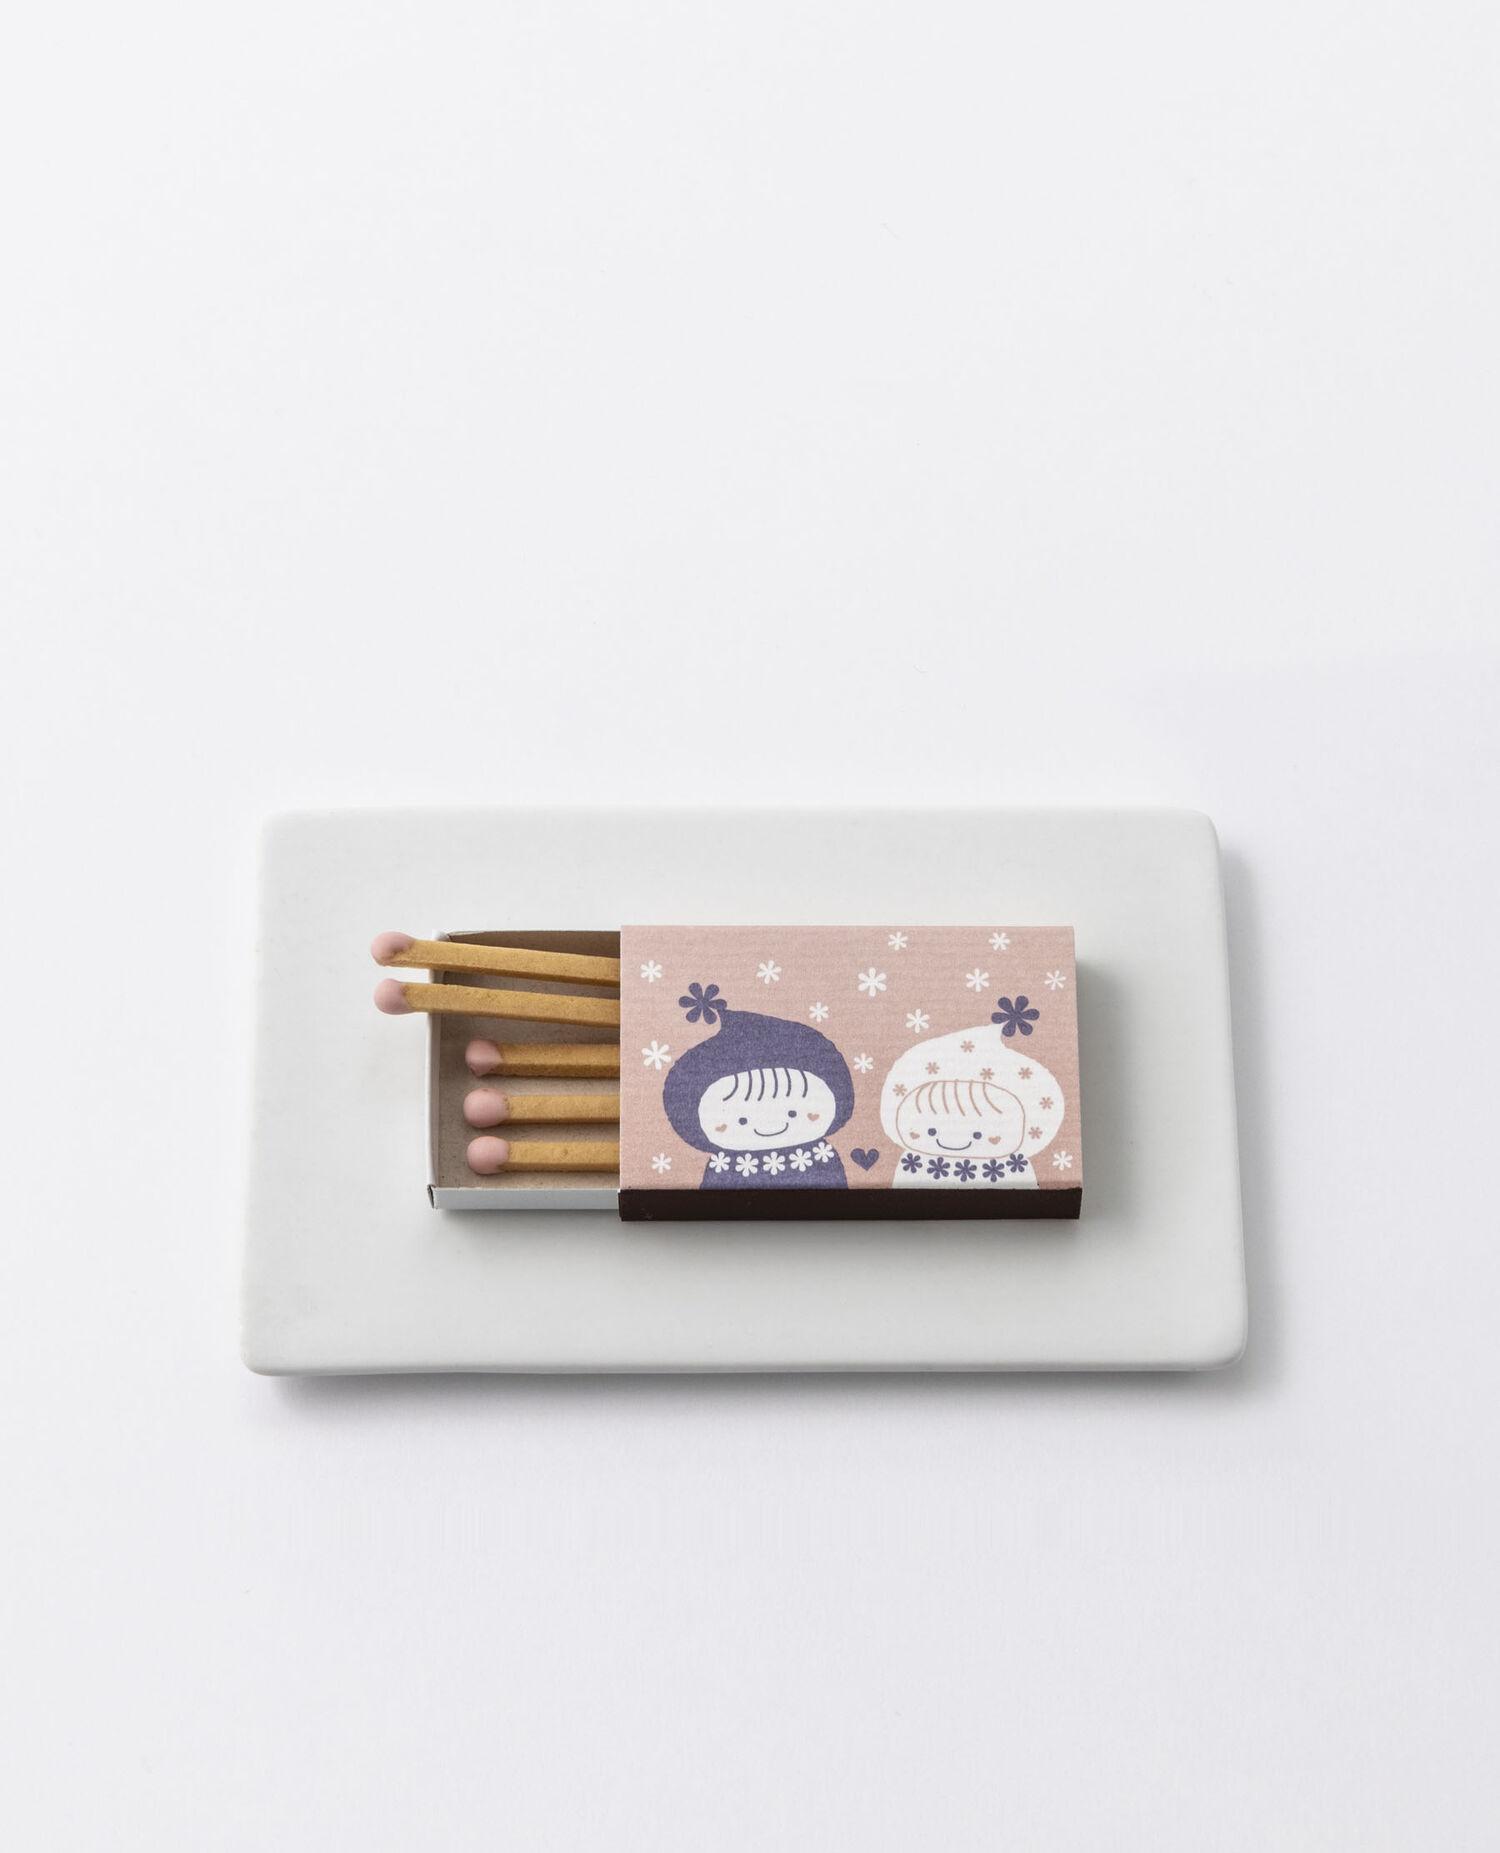 マッチ棒クッキーゆきんこ柄5個セット お届け12/18~12/20